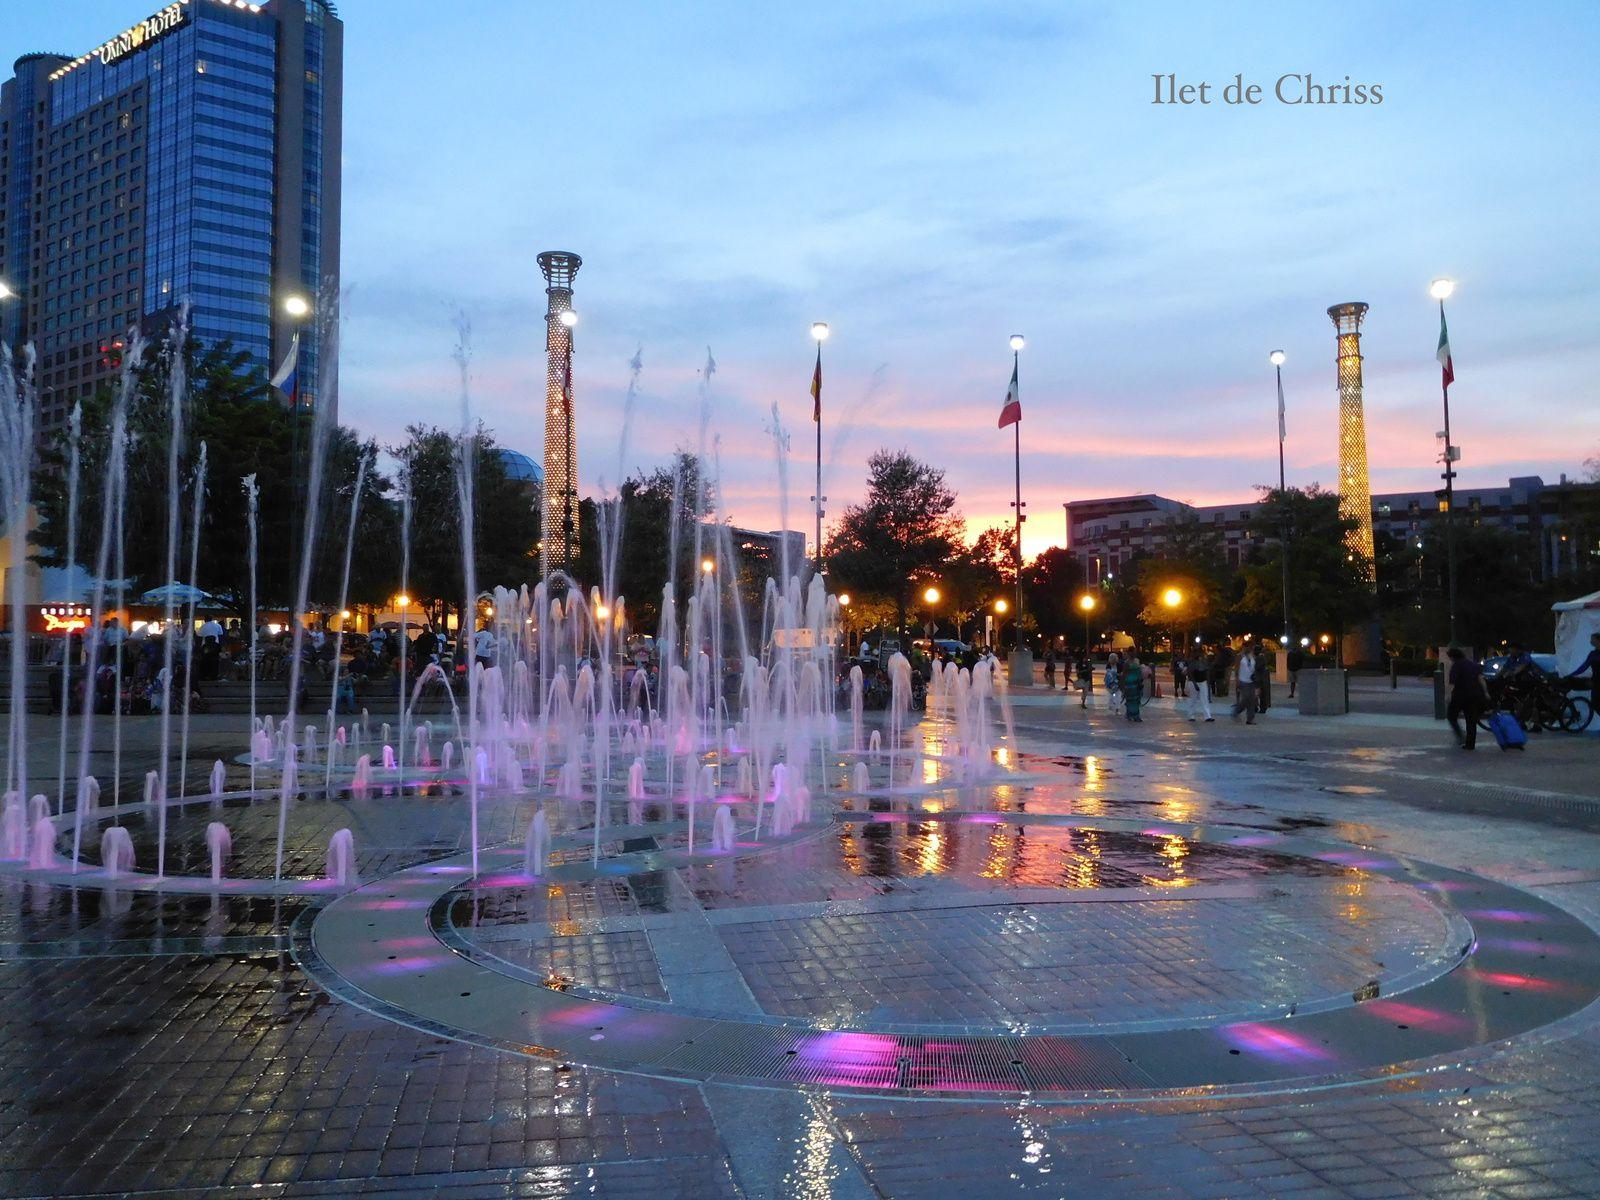 Jets d'eau, lumière (et musique) sur les anneaux olympiques